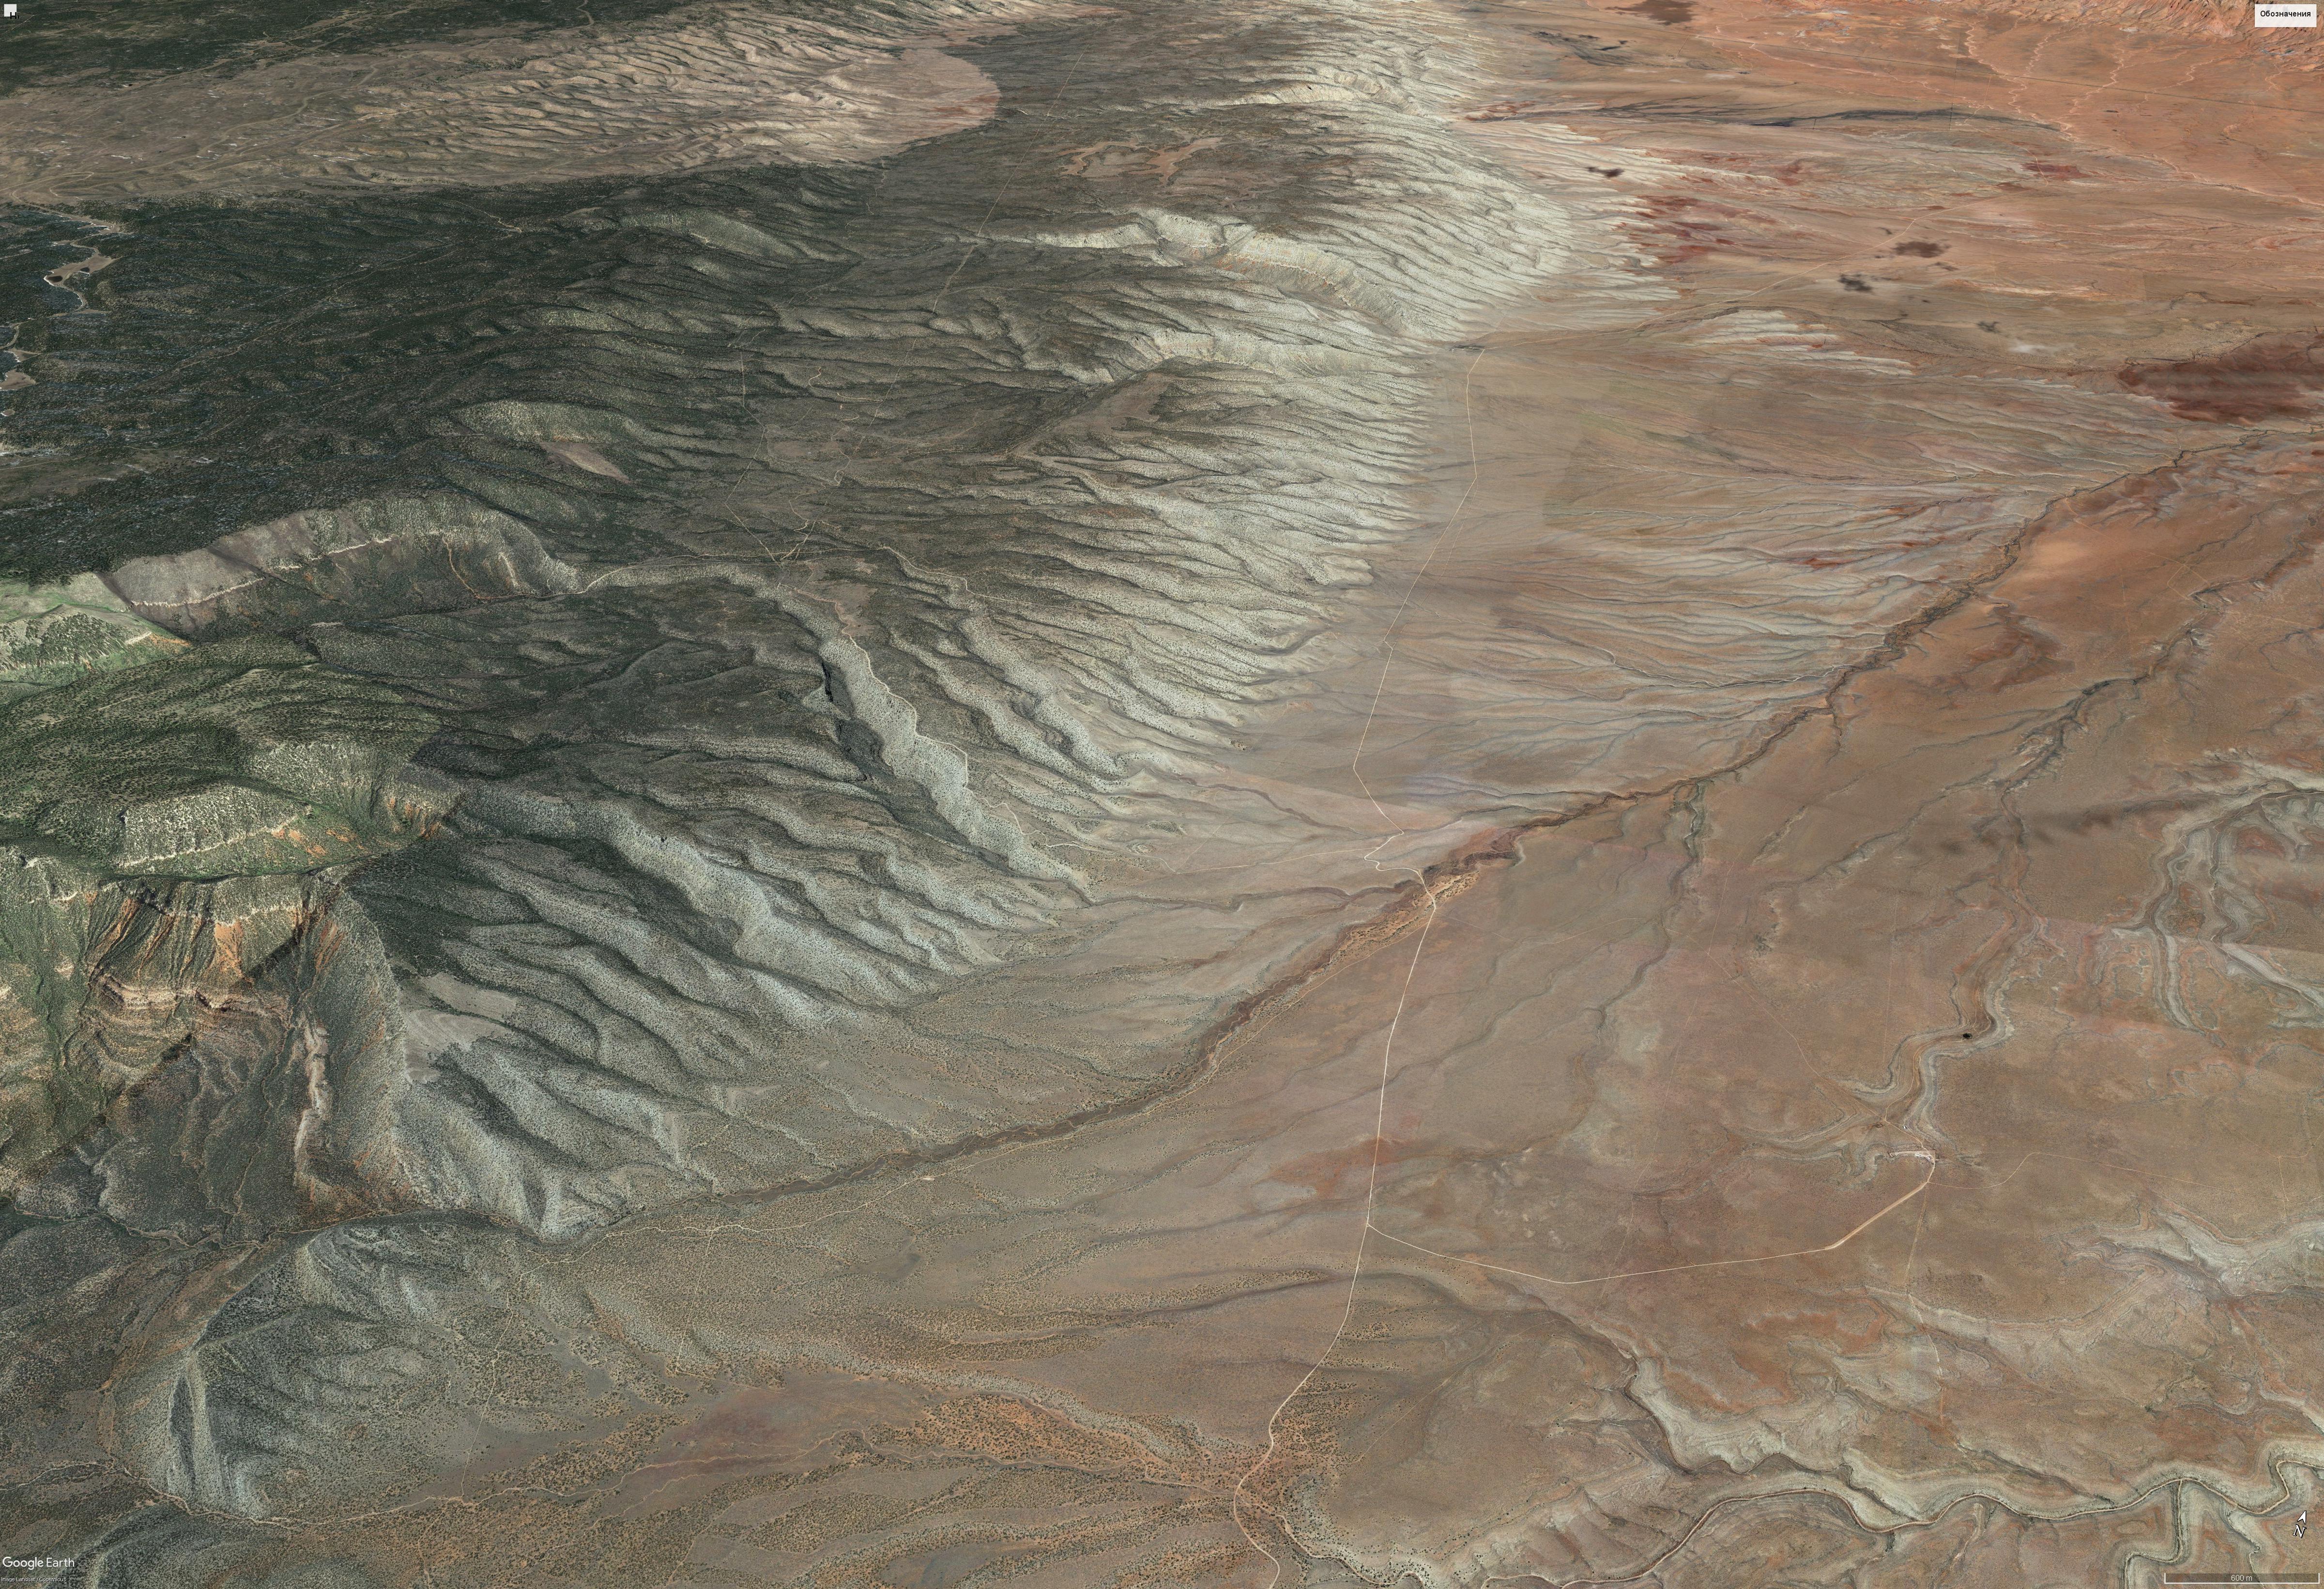 Гранд-Каньон (край долины, русла)